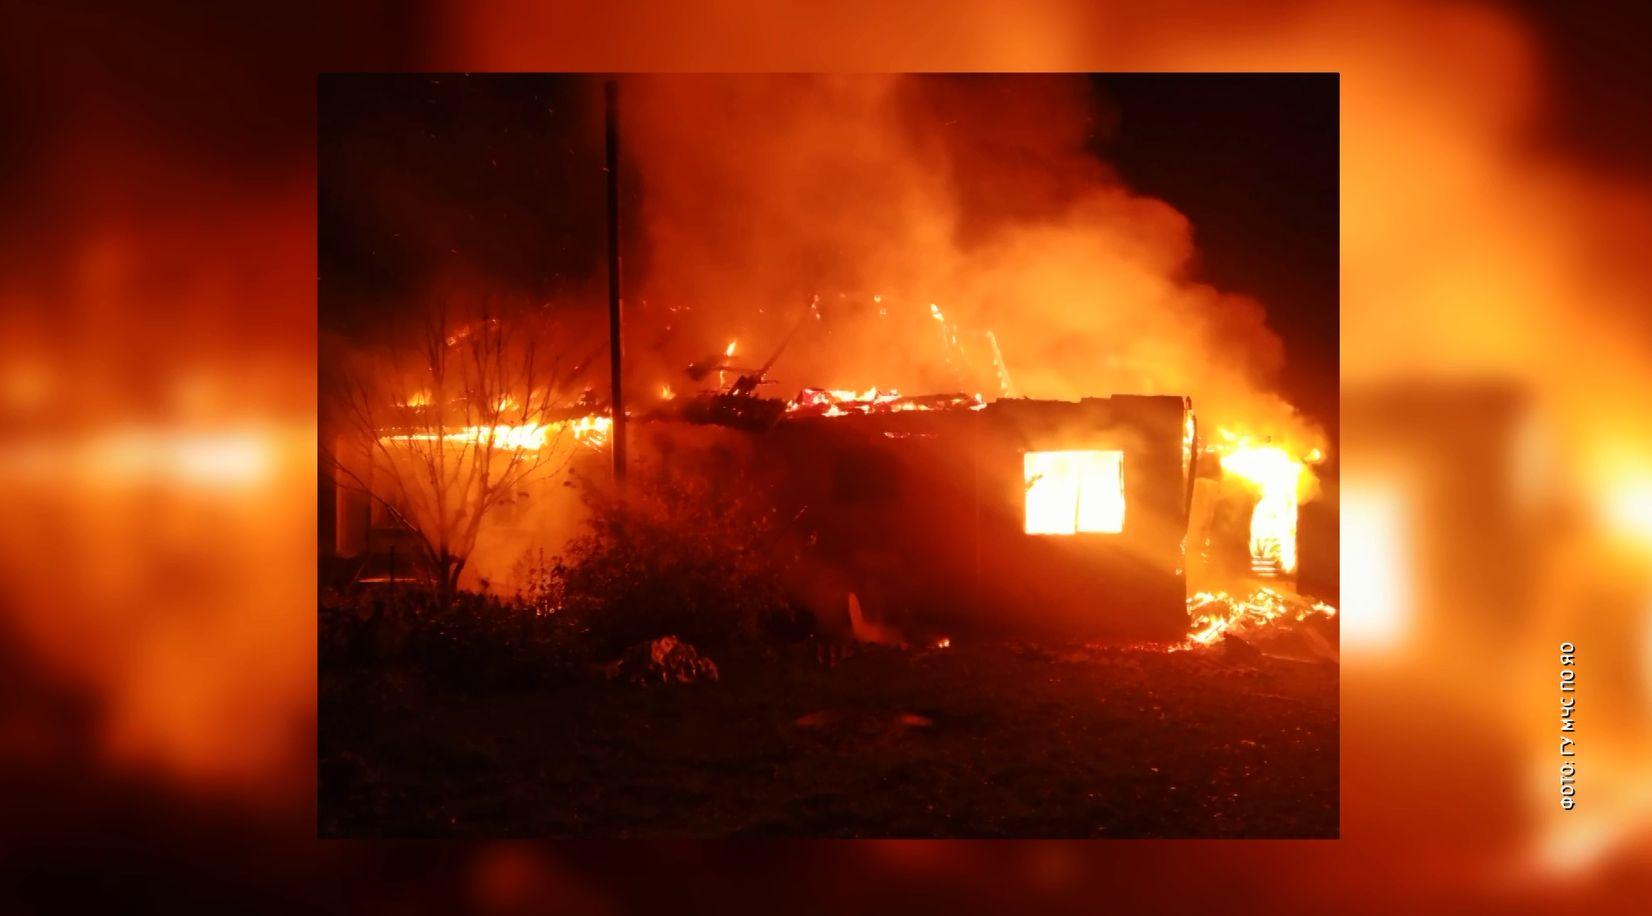 Для жителей Брейтова Ярославской области эта ночь выдалась жаркой